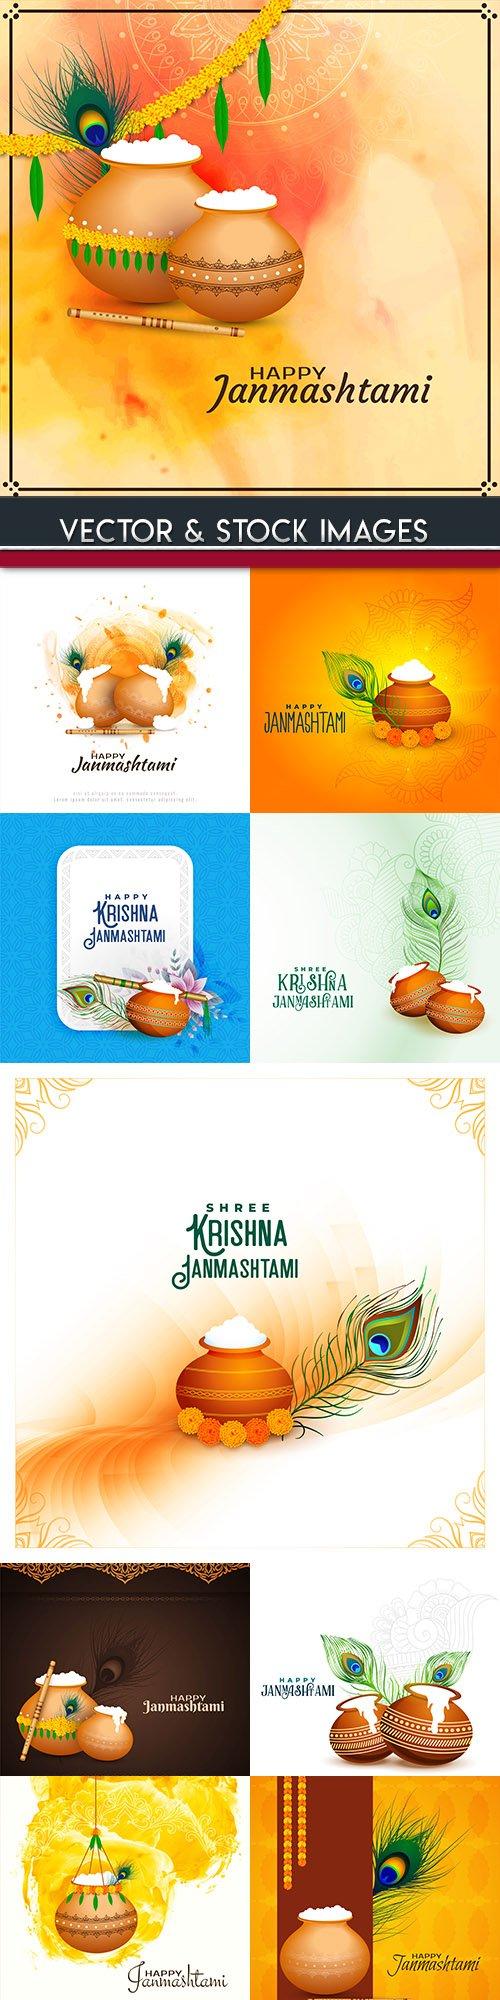 Janmashtami Indian holiday background design